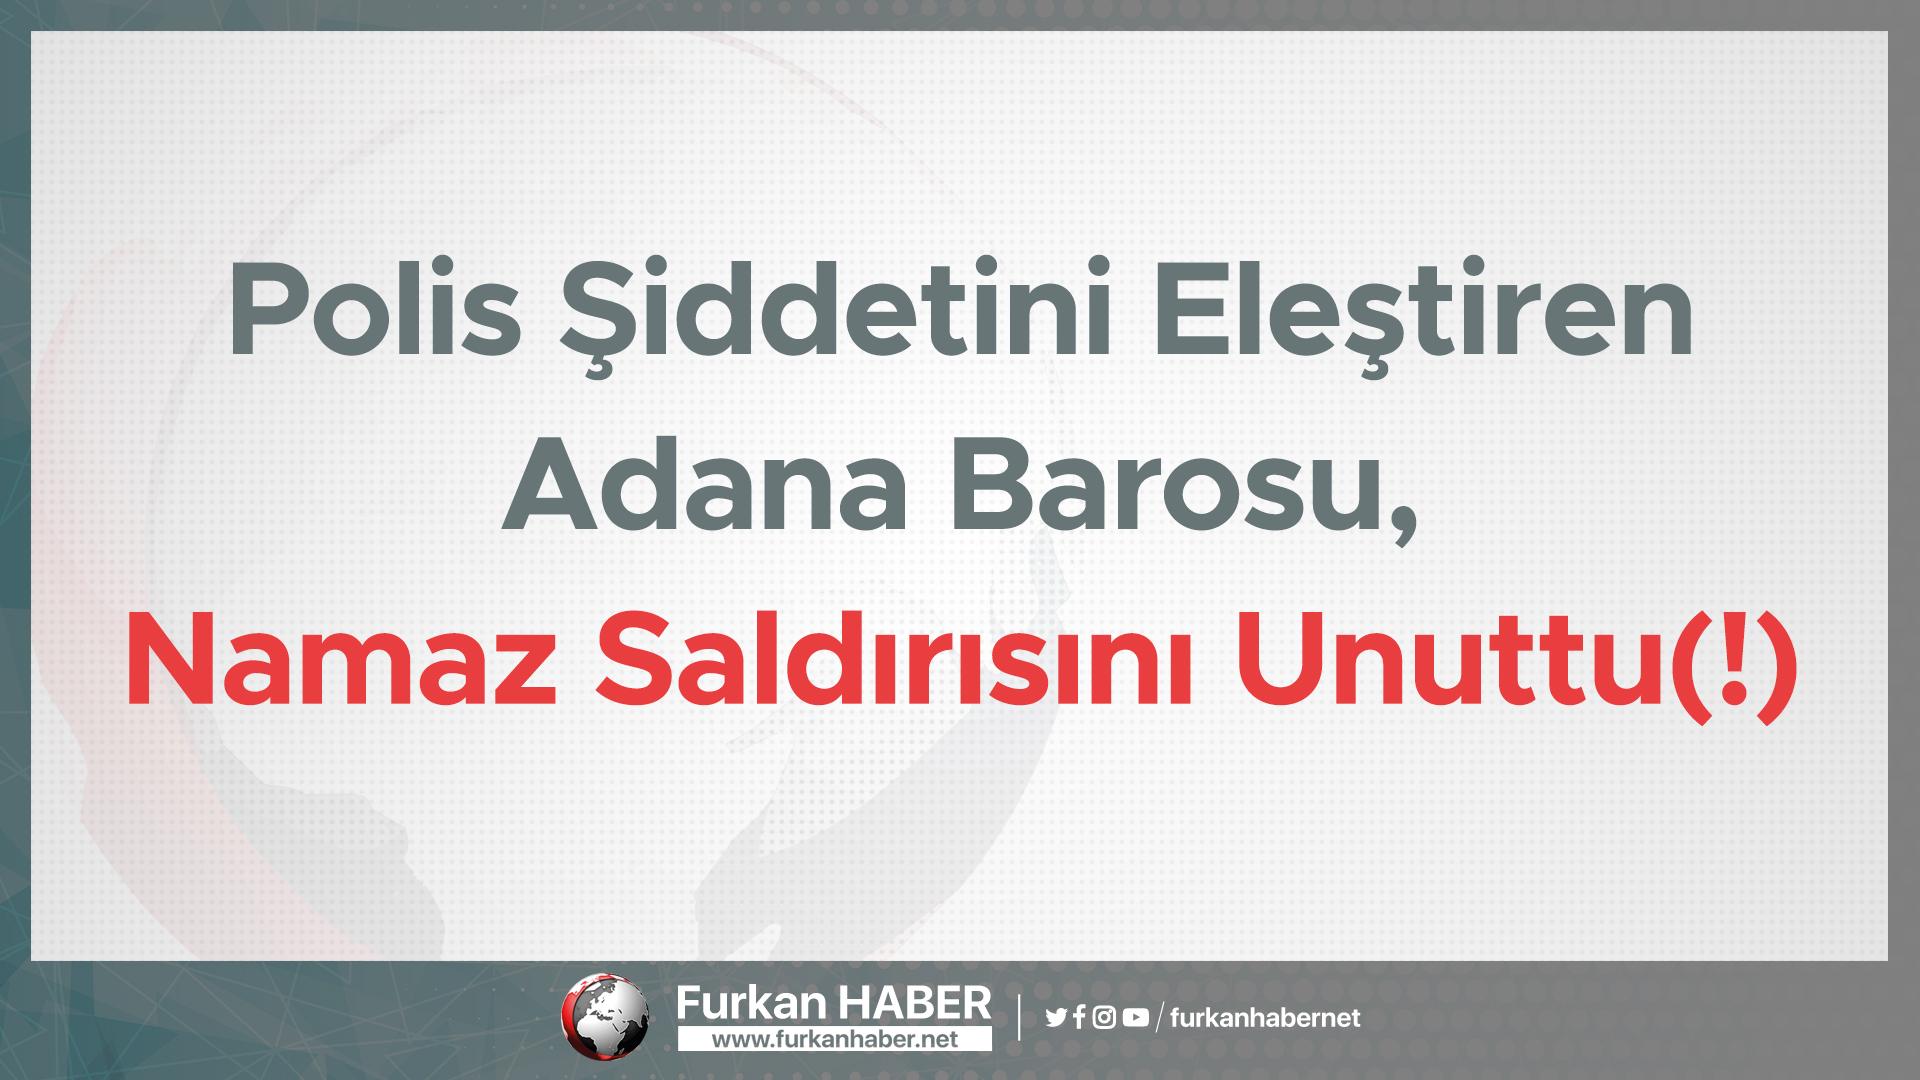 Polis Şiddetini Eleştiren Adana Barosu, Namaz Saldırısını Unuttu(!)